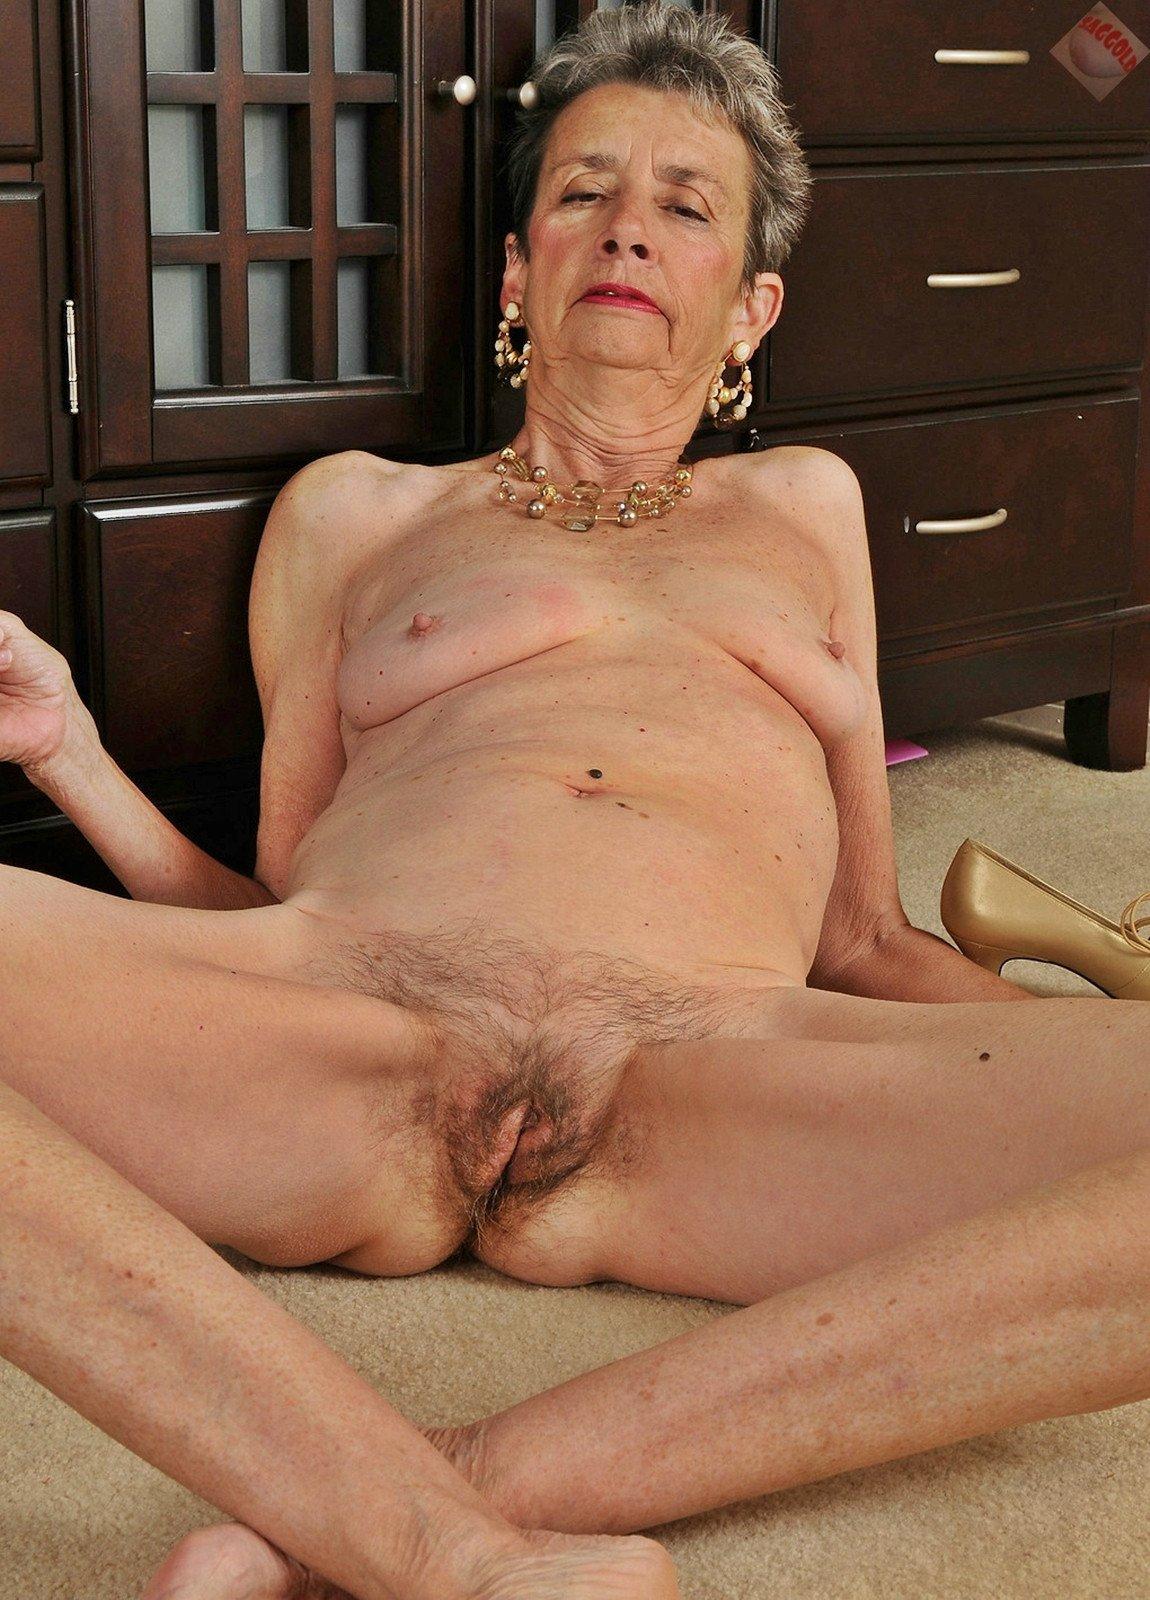 Granny vagina pics